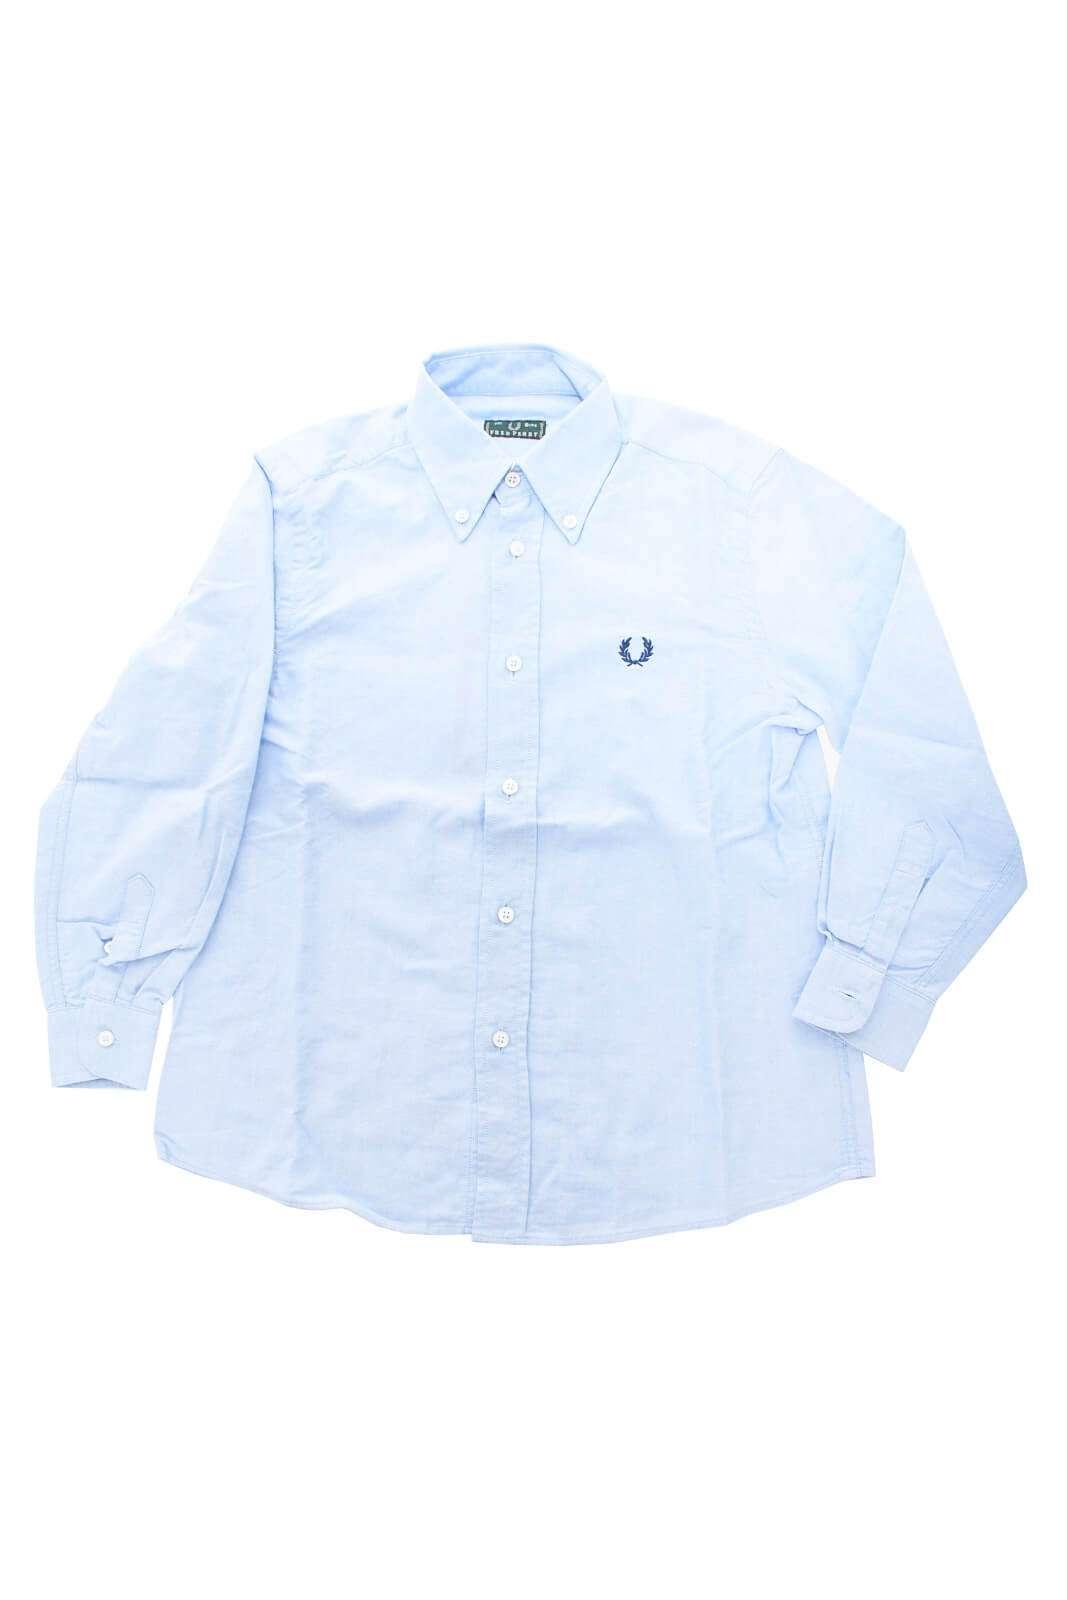 Semplicità e stile anche per i più piccoli, con questa camicia firmata Fred Perry. Perfetta per i loro look più eleganti e impeccabili.